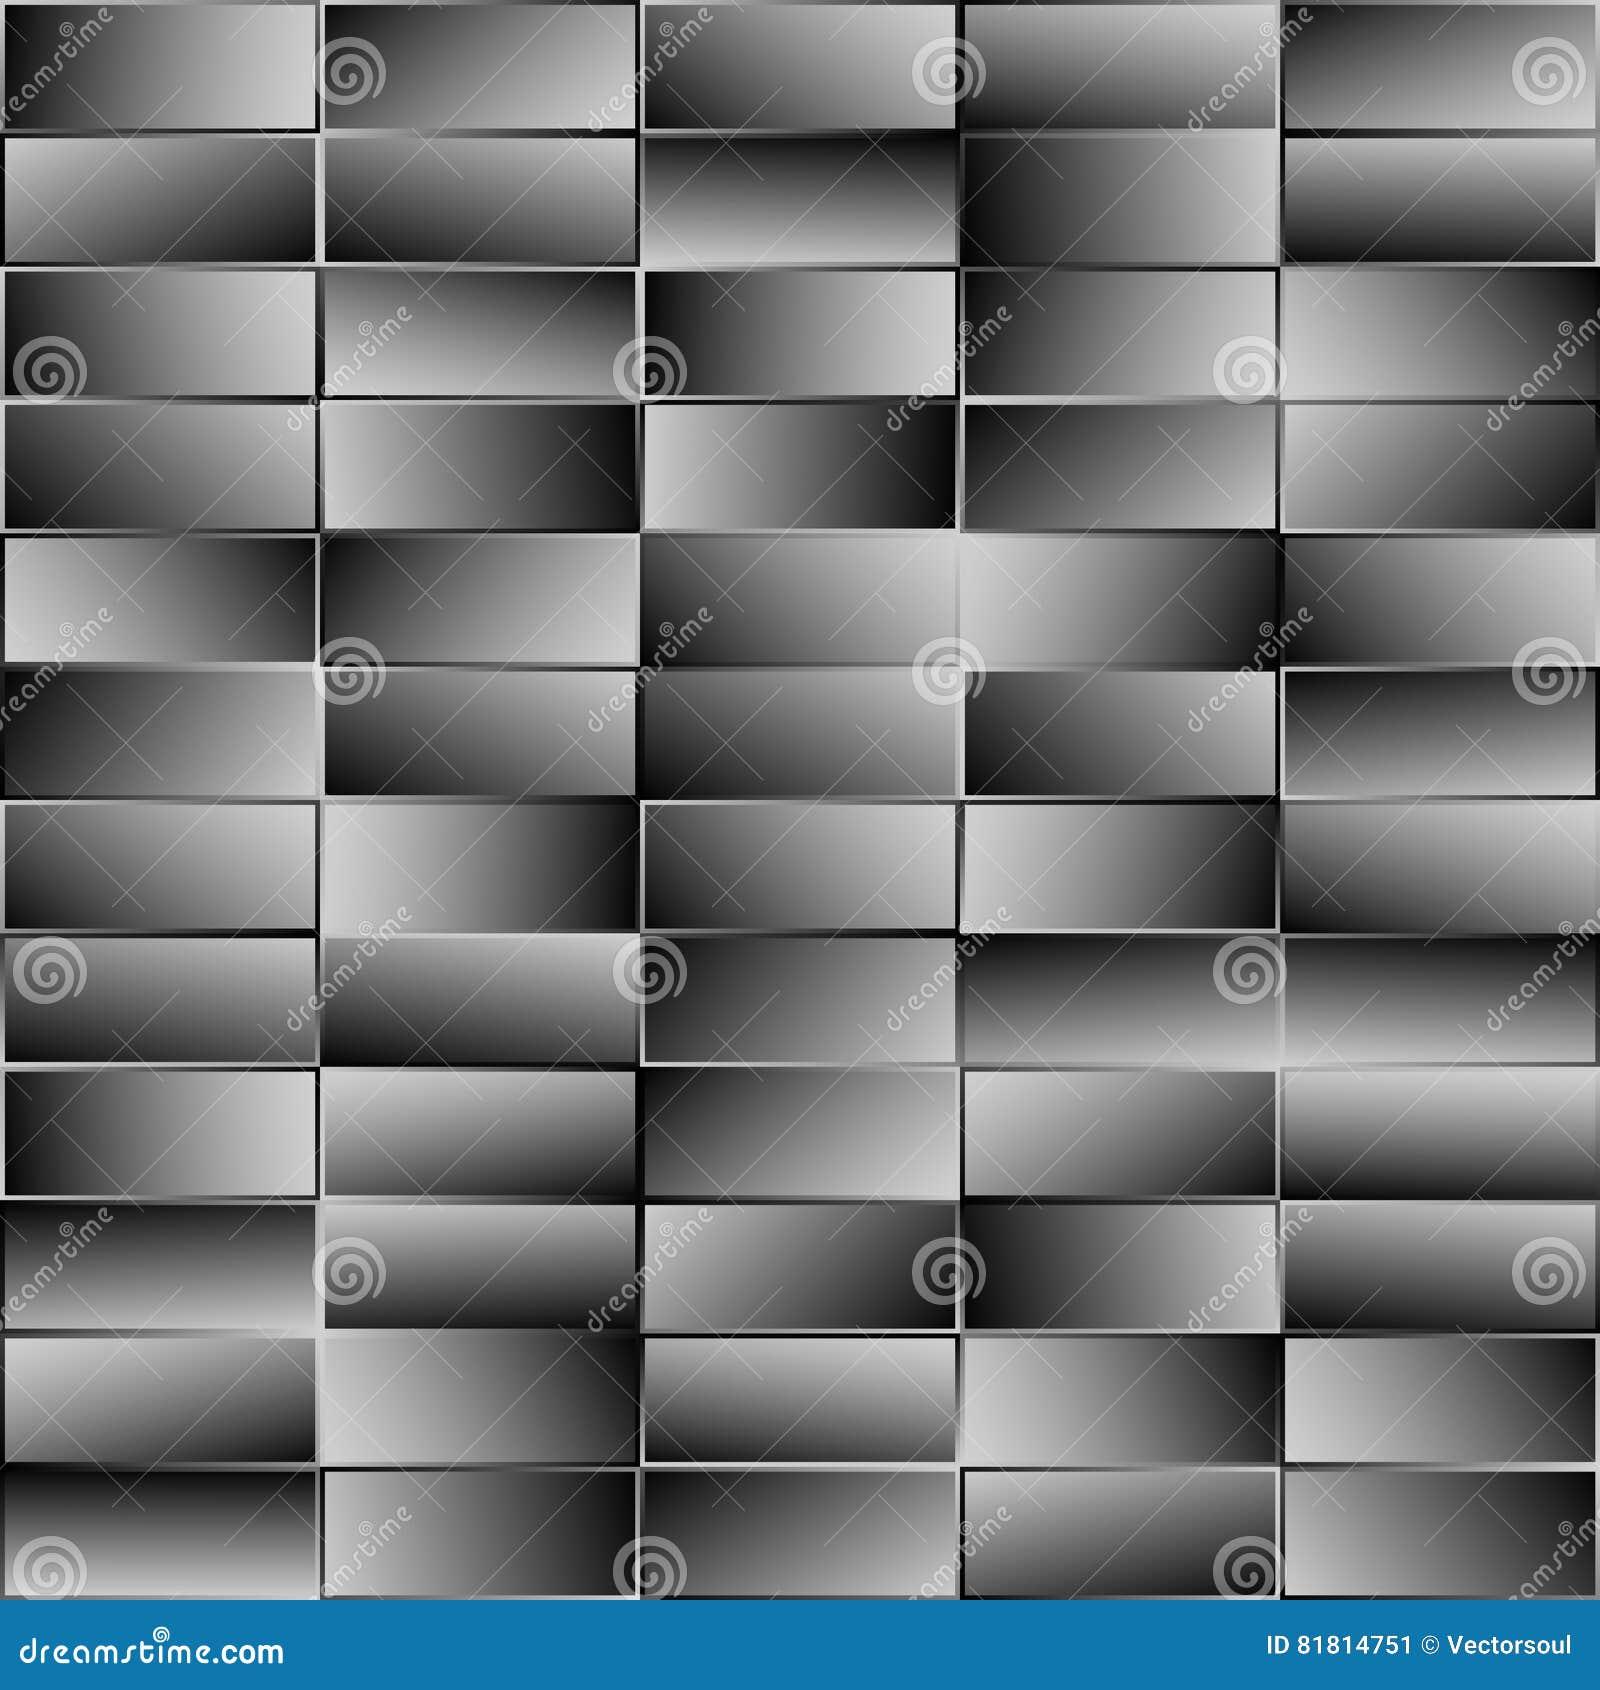 Прямоугольники с случайным градиентом заполняют плавно repeatable